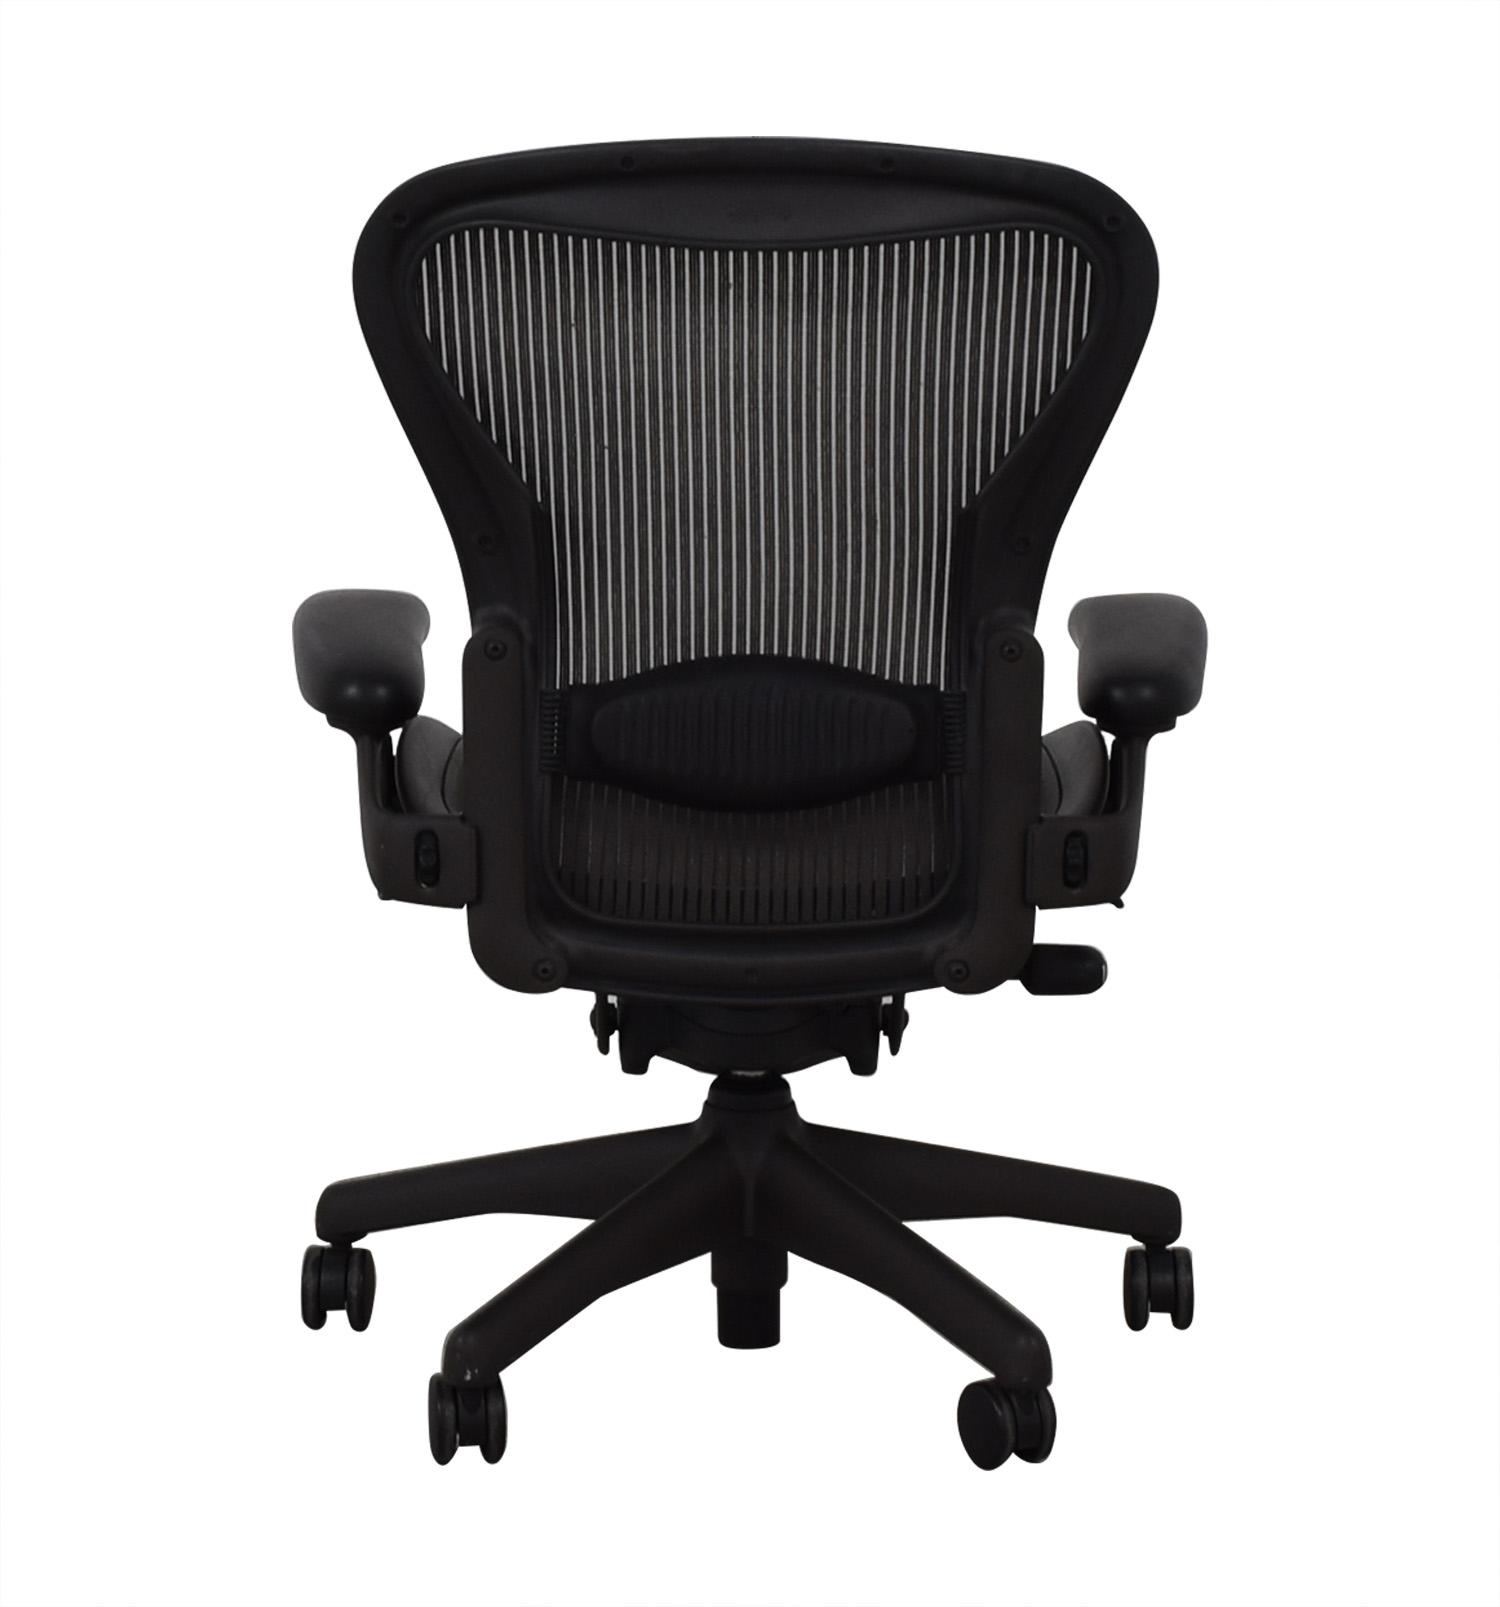 Herman Miller Herman Miller Aeron Office Chair used